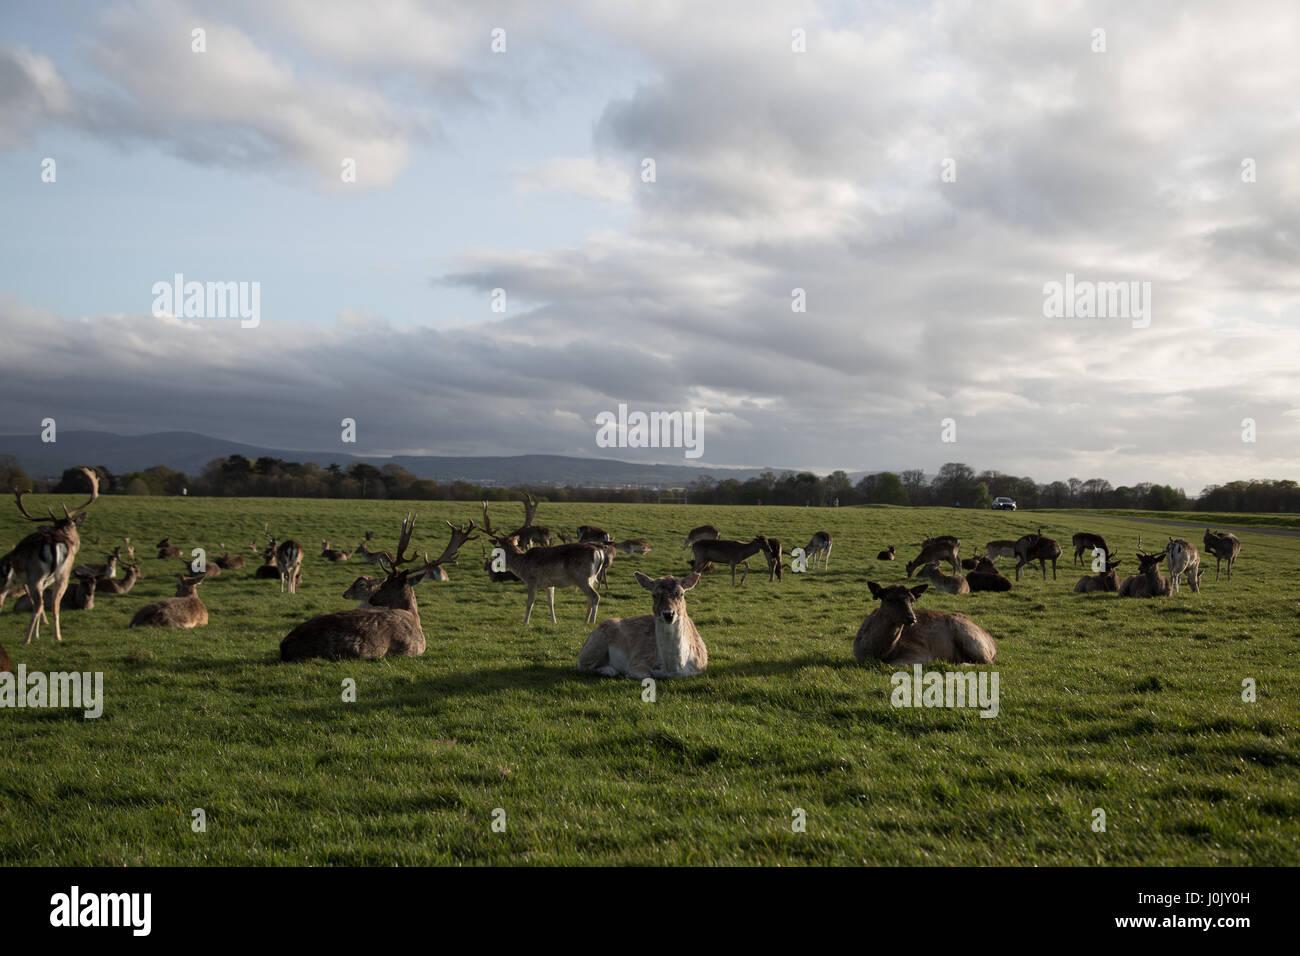 Deer in Phoenix Park, Dublin city, Ireland. - Stock Image